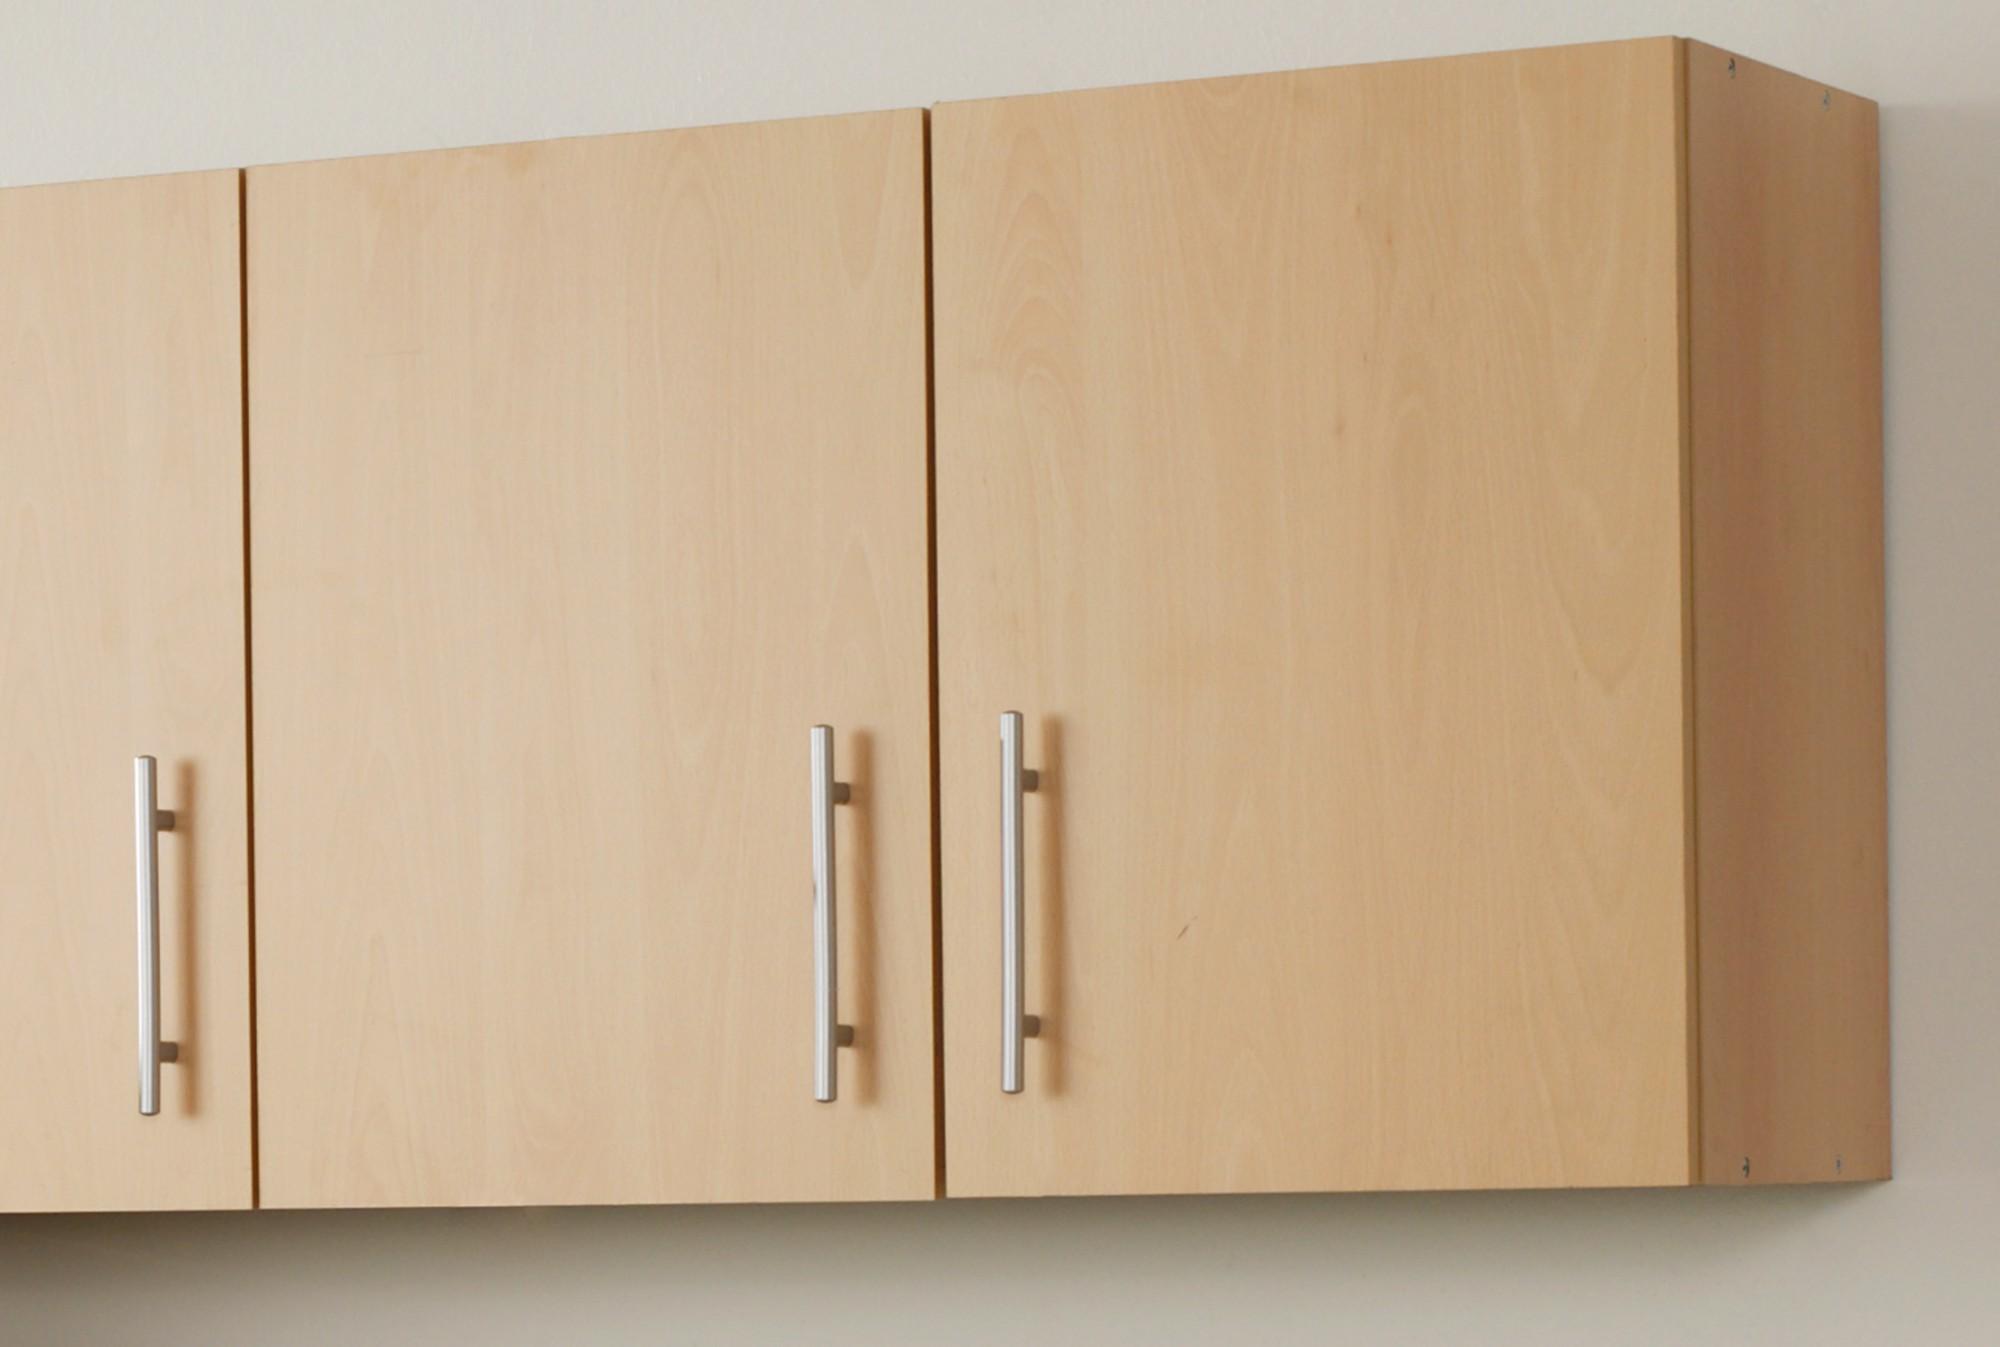 neu singlek che berlin mit k hlschrank und glaskeramikkochfeld 180cm buche ebay. Black Bedroom Furniture Sets. Home Design Ideas